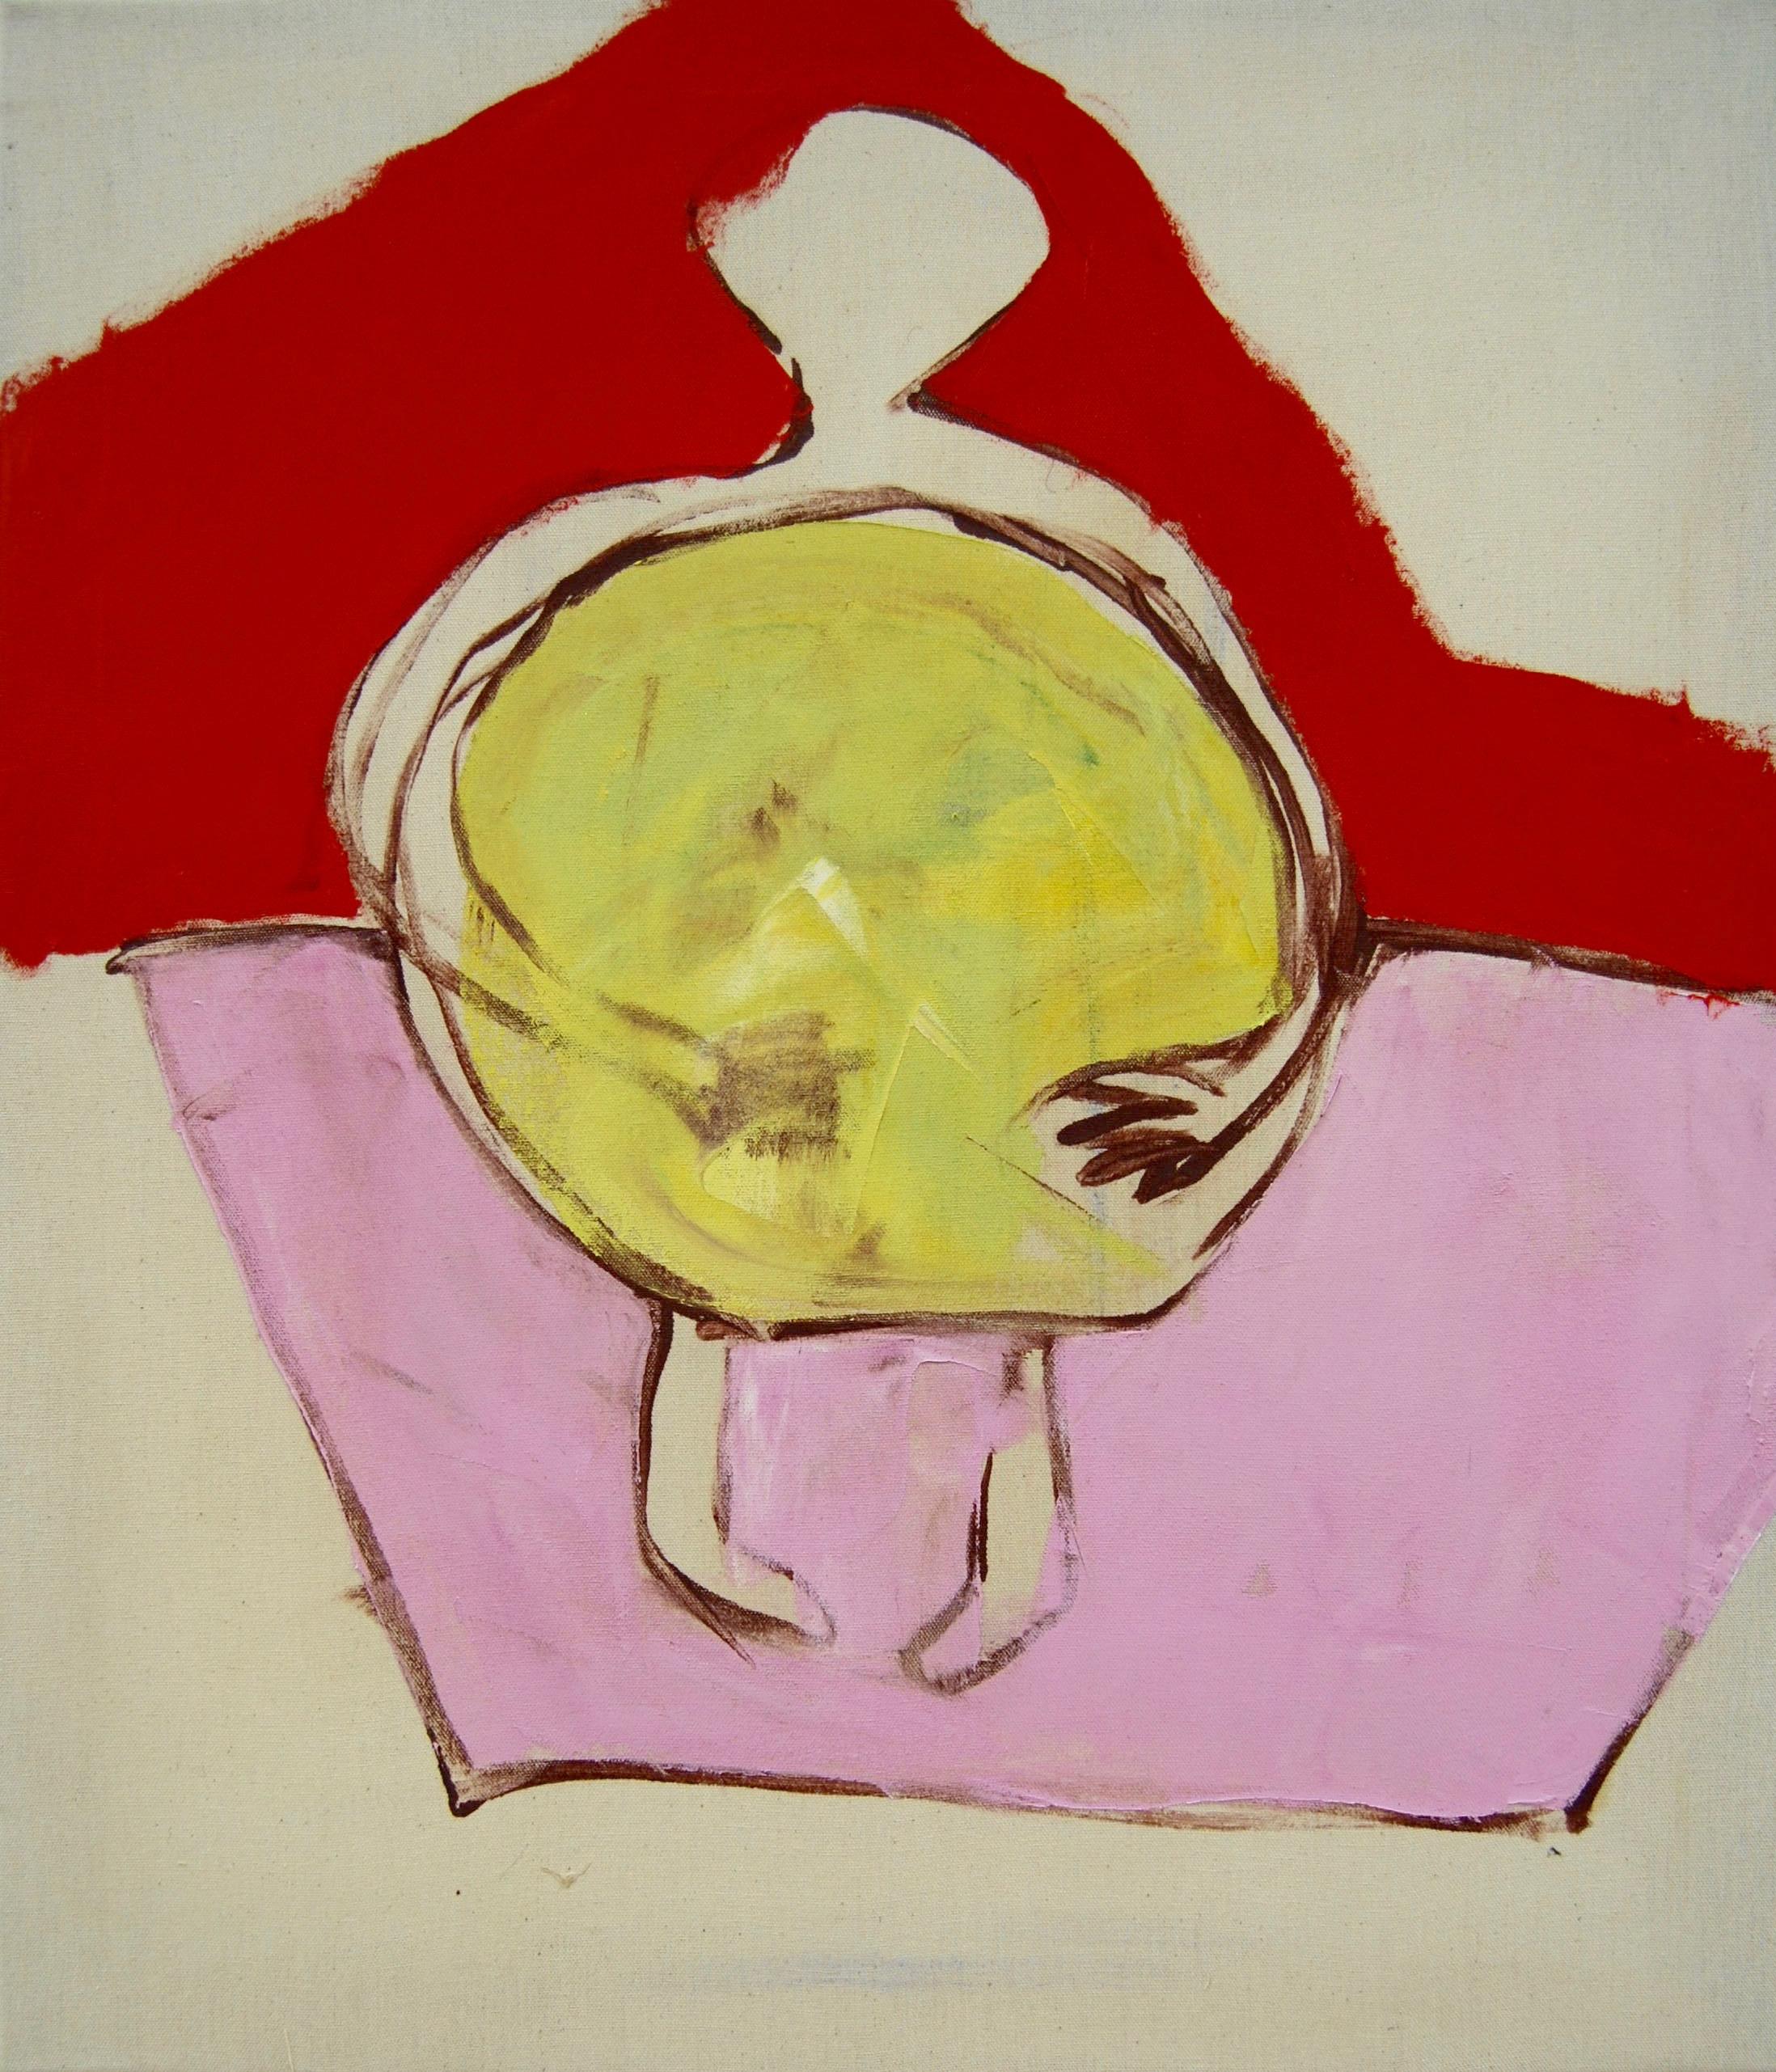 nach Angela Bulloch, Mat Light Piece, Green  (1997), Dezember 2016, Öl auf ungrundierter Baumwolle, 60 x 90 cm